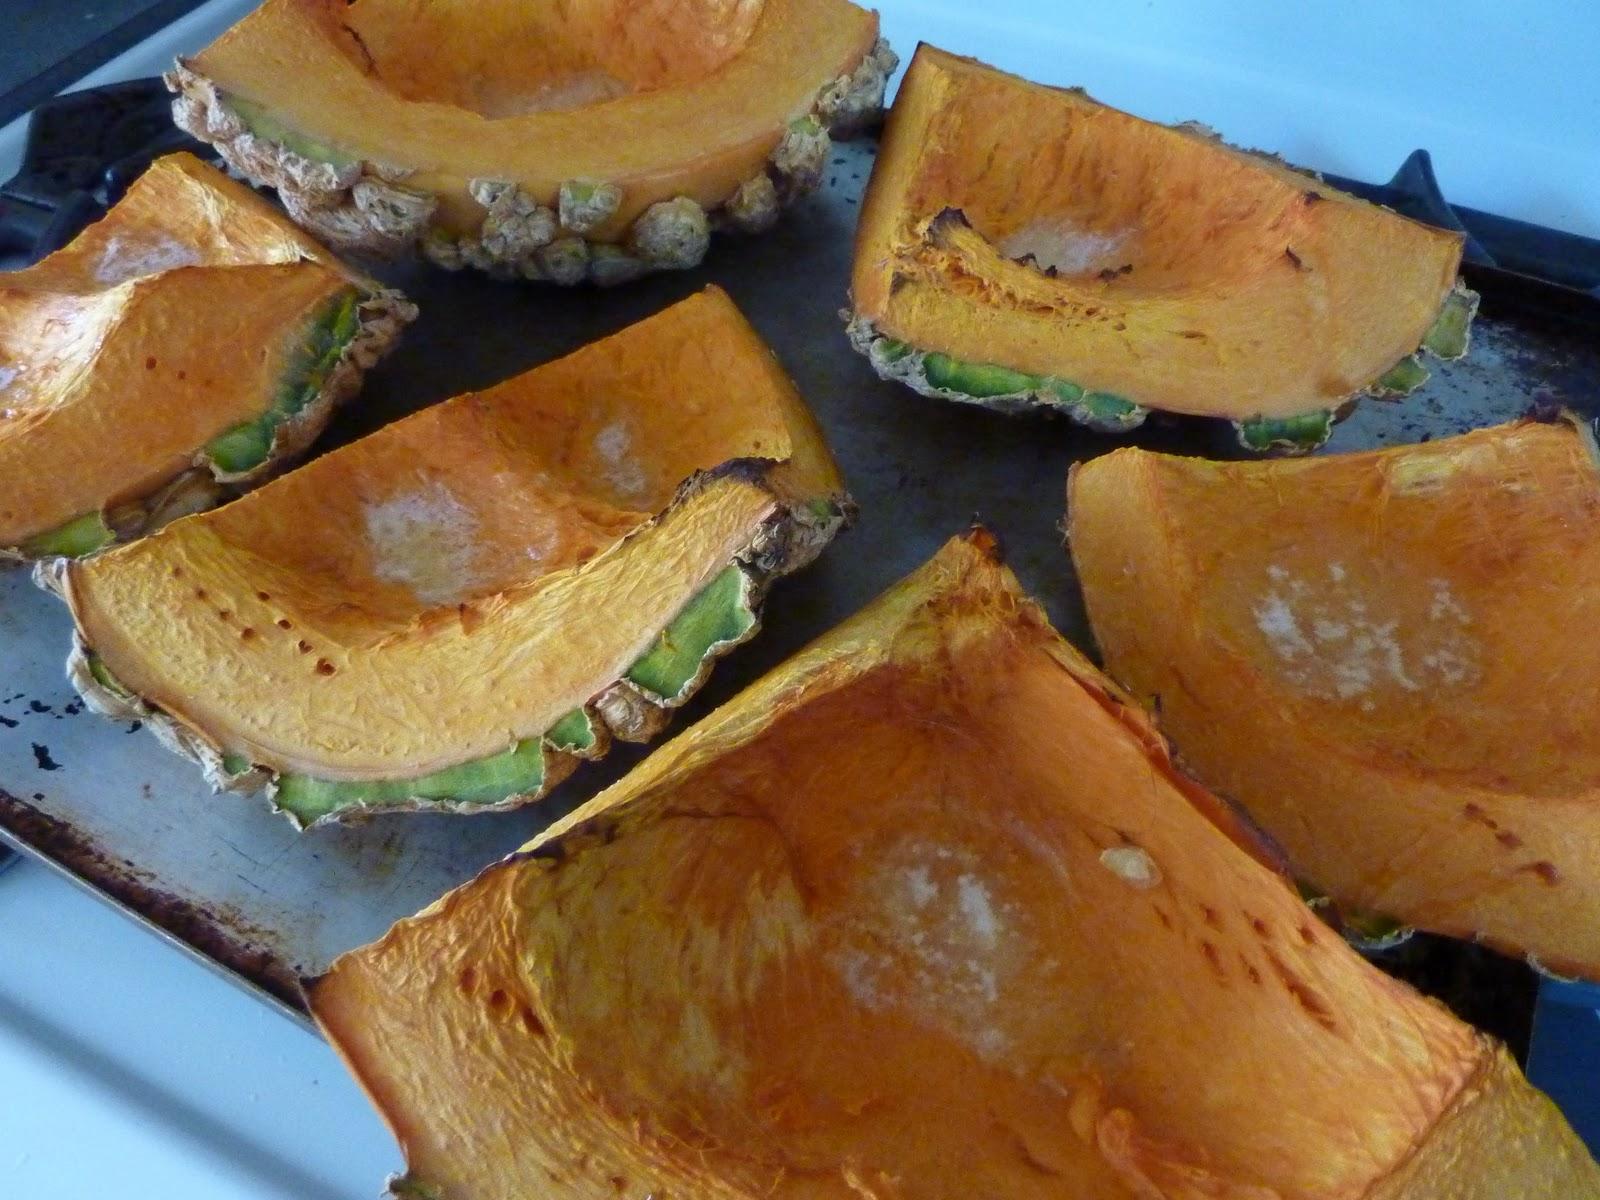 http://2.bp.blogspot.com/_6KRo-dmHHWA/TOHvDAWBLWI/AAAAAAAAAiU/1CaLpCRCkXc/s1600/warty+pumpkin+baked.jpg